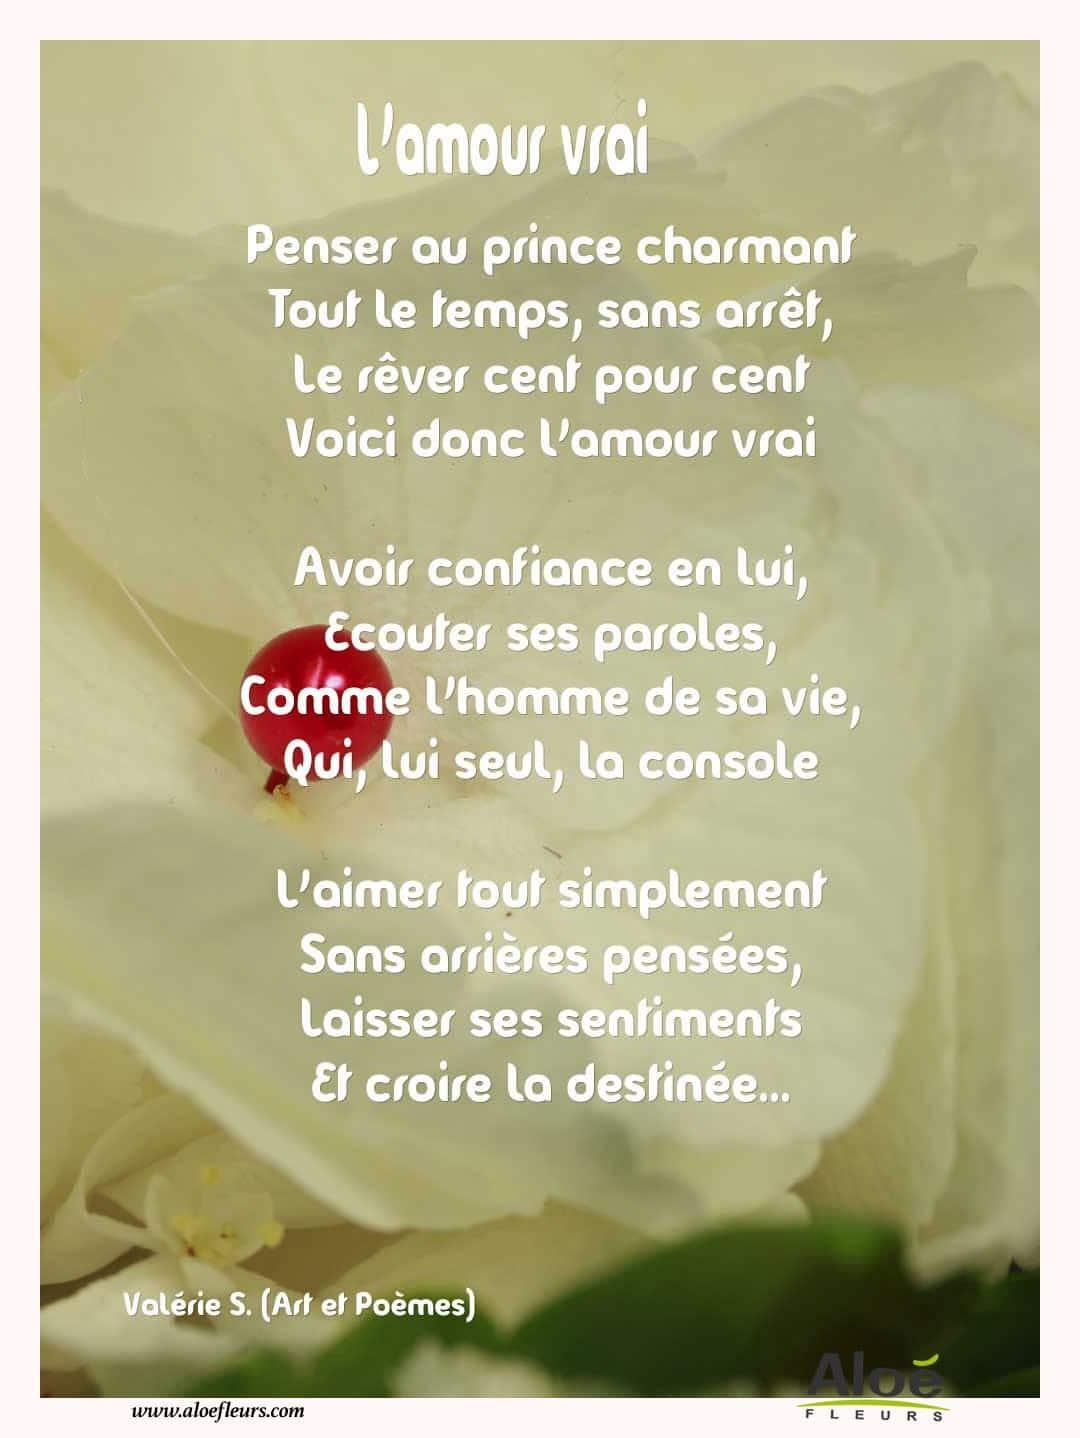 La Saint Valentin Histoire Tradition Et Fleurs ALOE